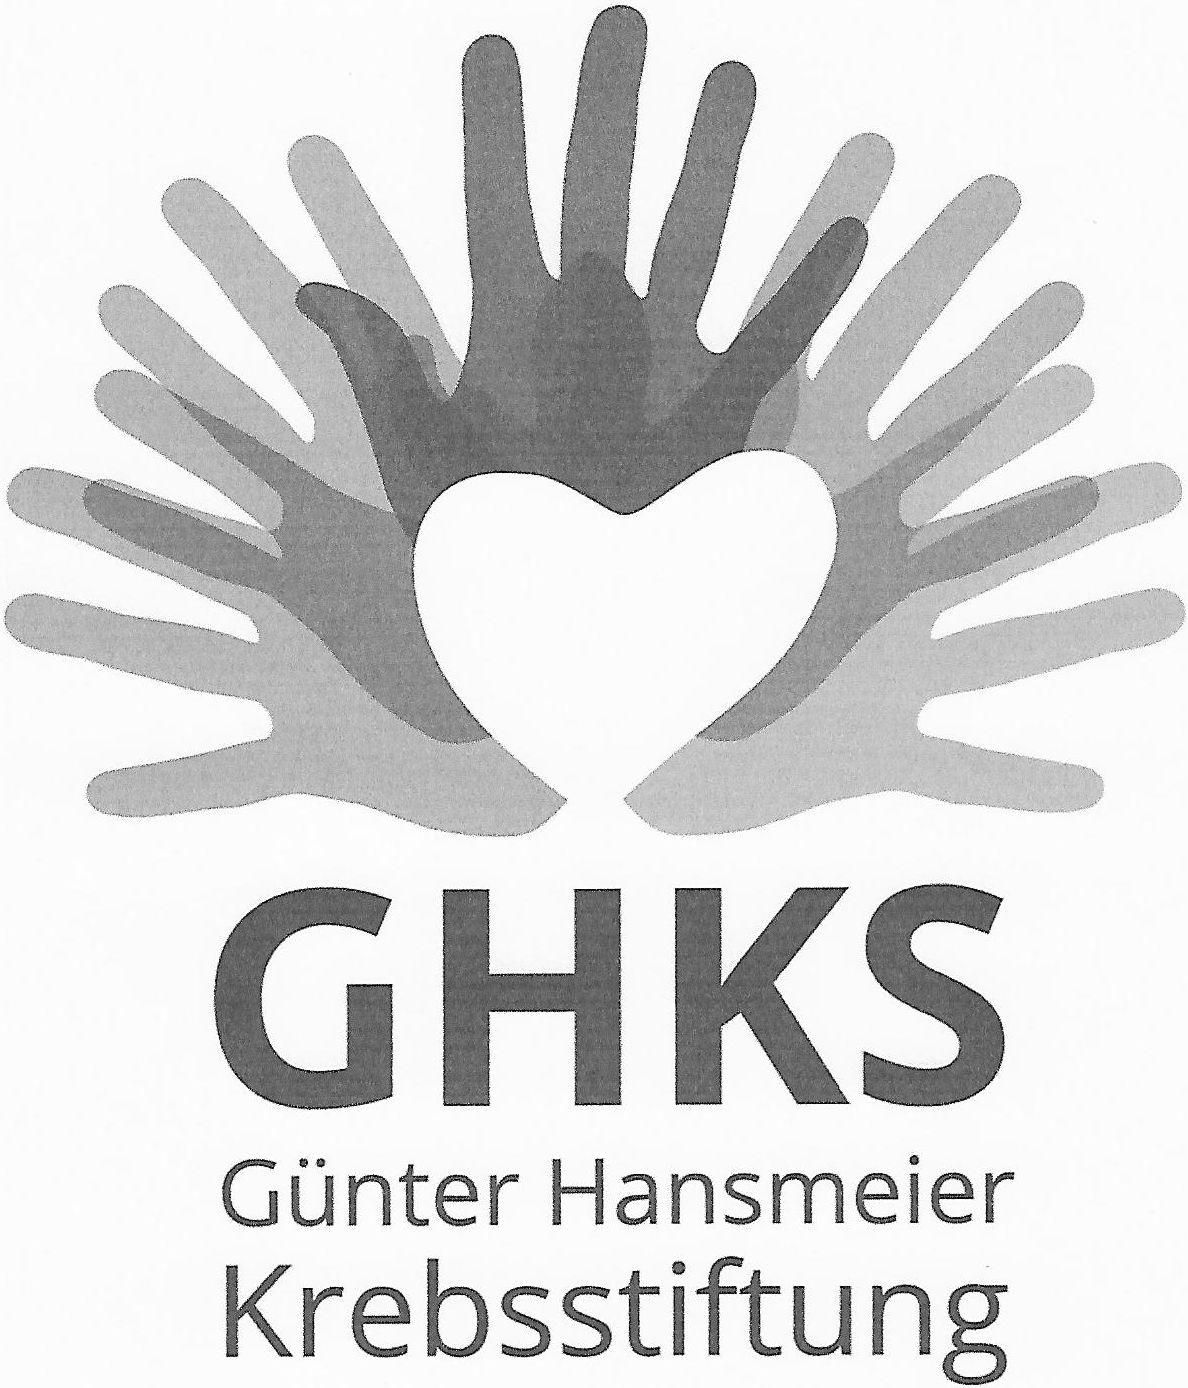 Wort-/Bildmarke: GHKS Günter Hansmeier Kresbsstiftung